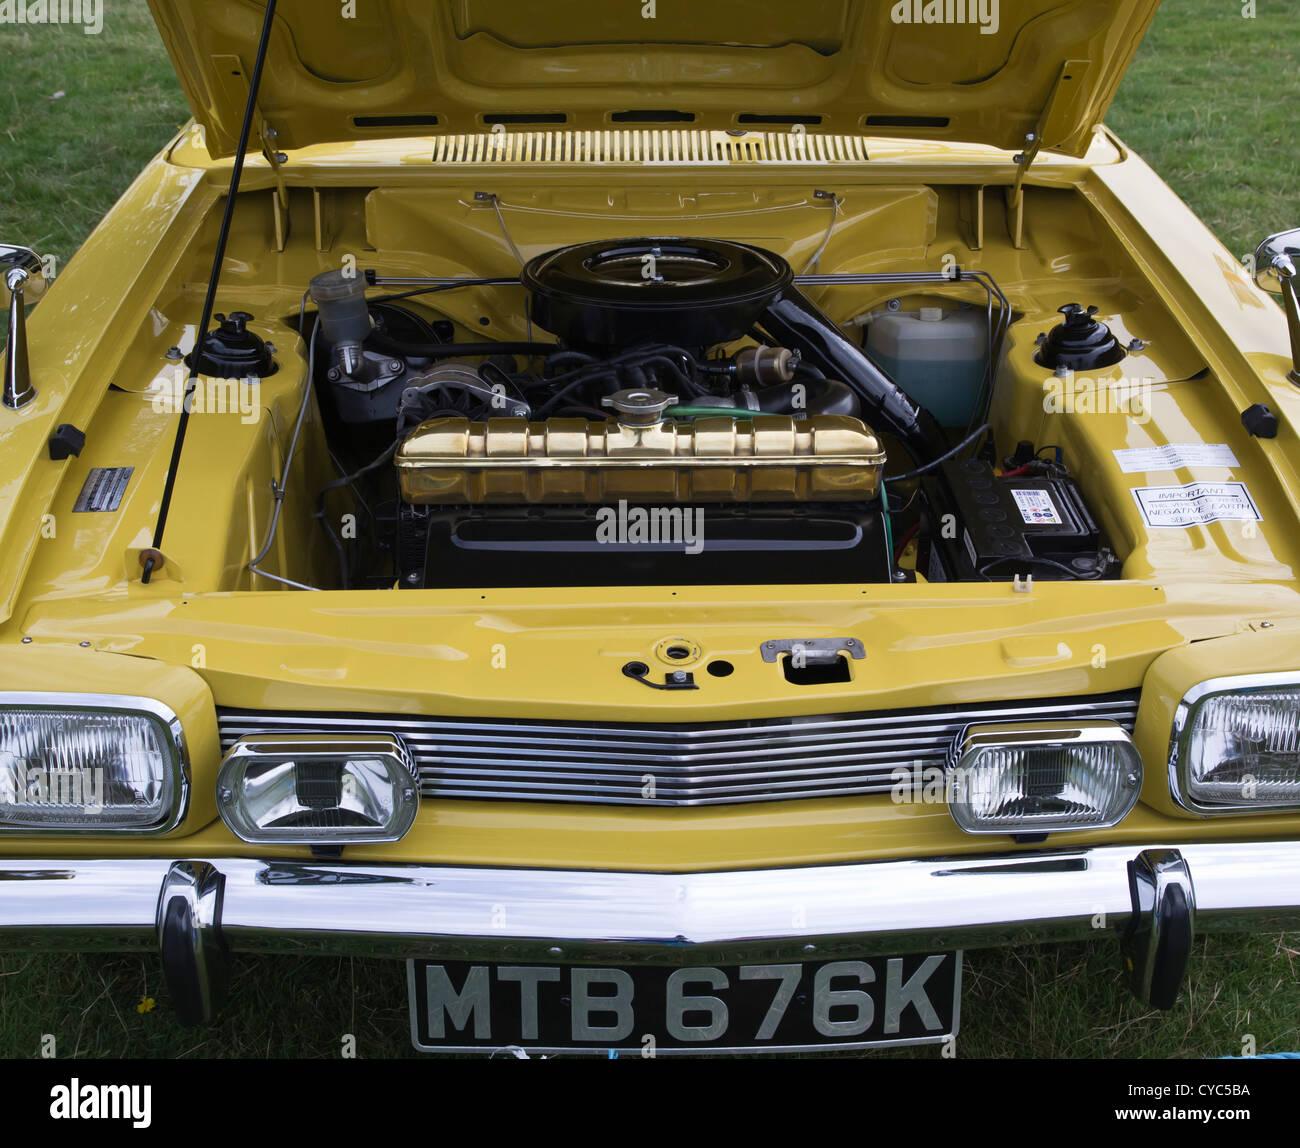 Mk1 Ford Fotos E Imagenes De Stock Alamy